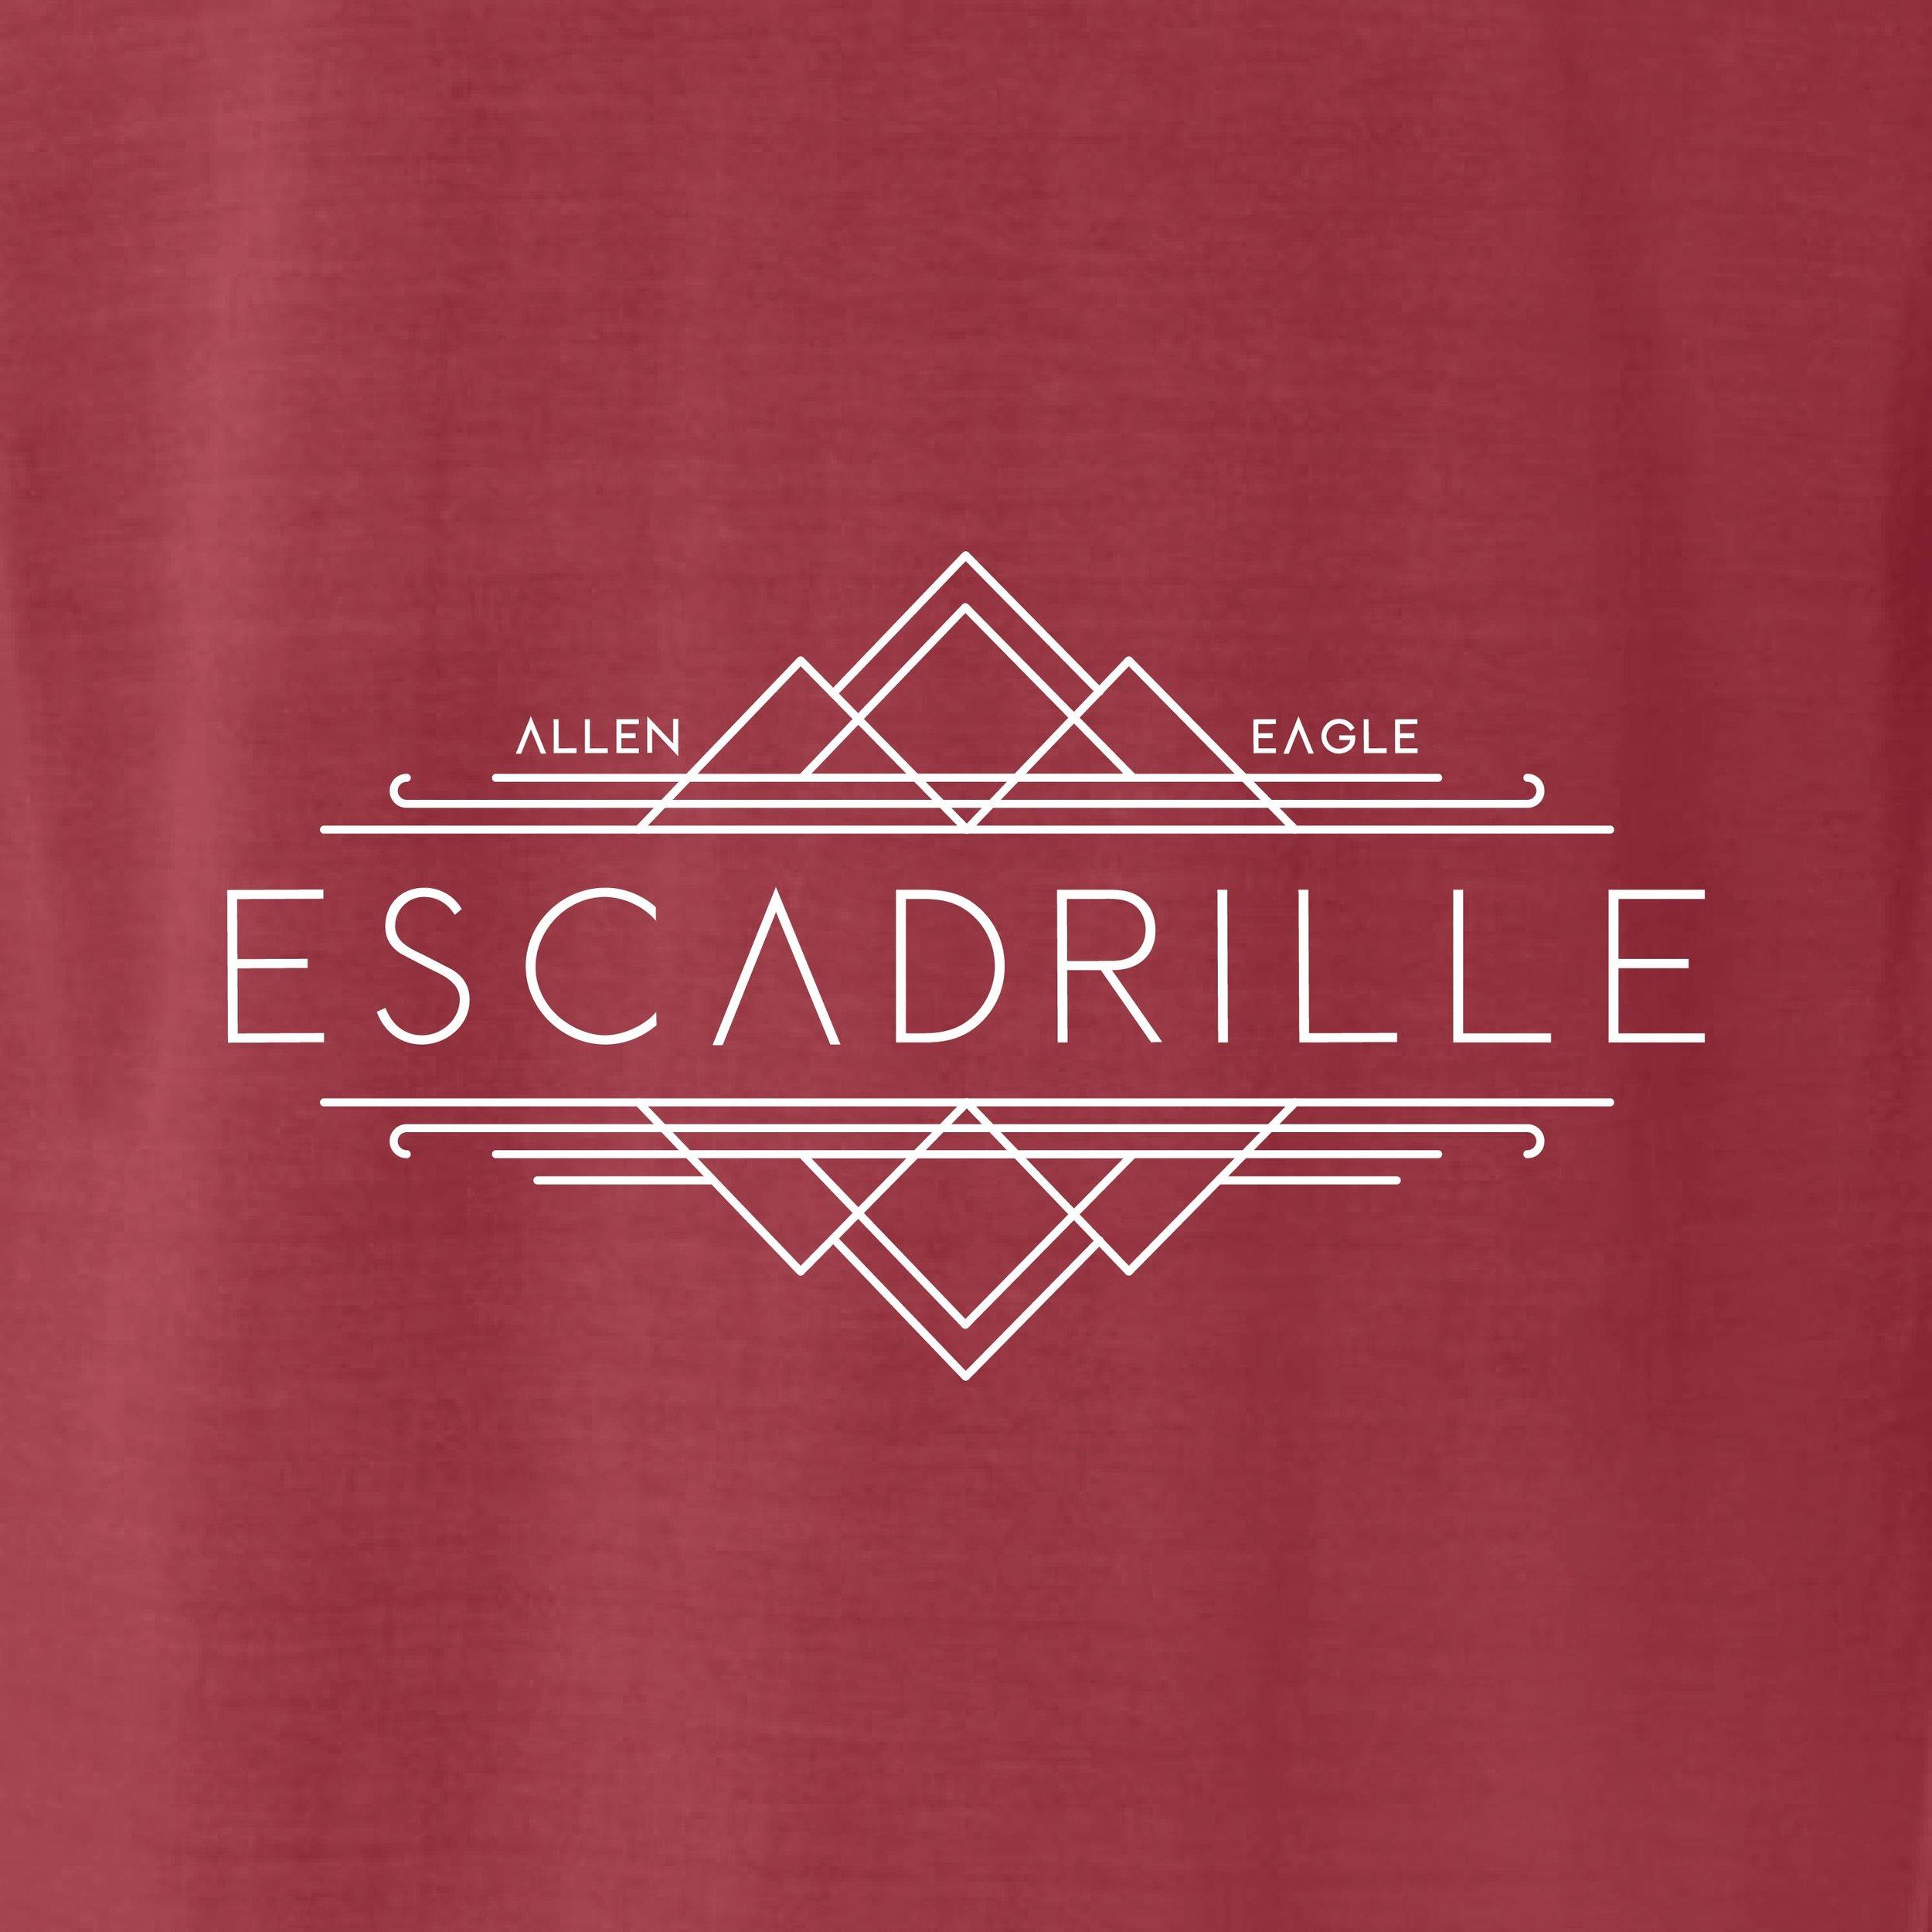 ArtDecoEscadrille-01.jpg